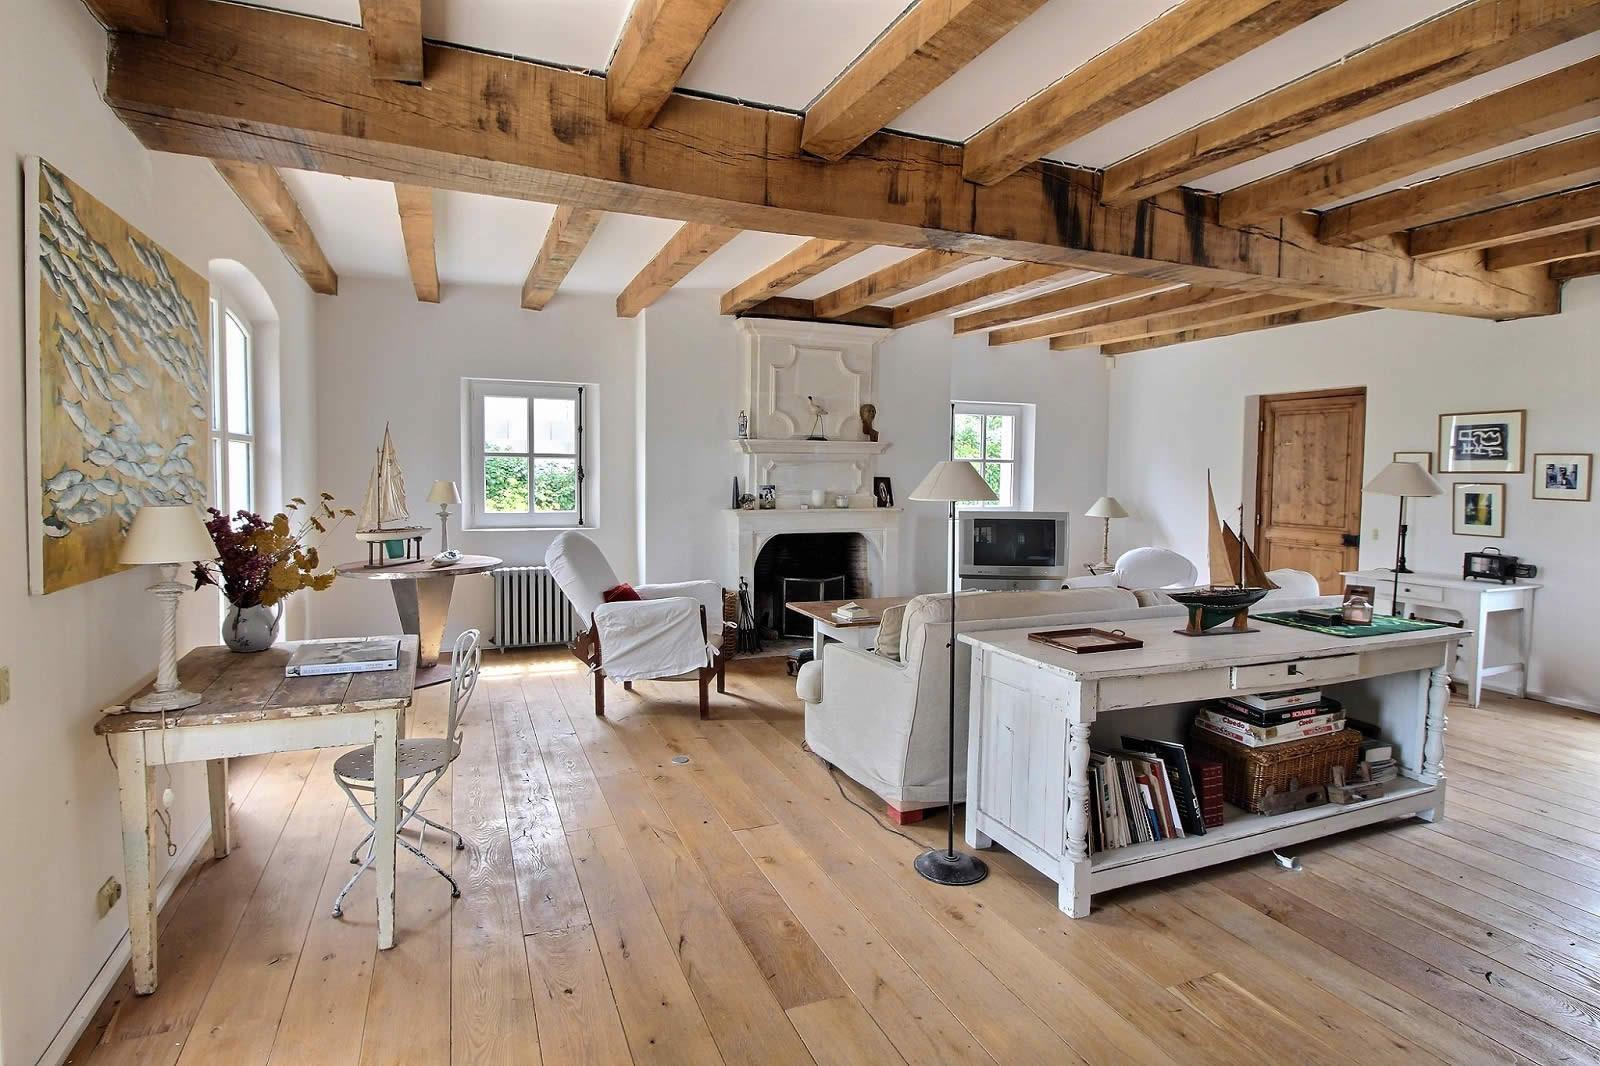 maison vendre l le de r atelier d 39 artiste. Black Bedroom Furniture Sets. Home Design Ideas